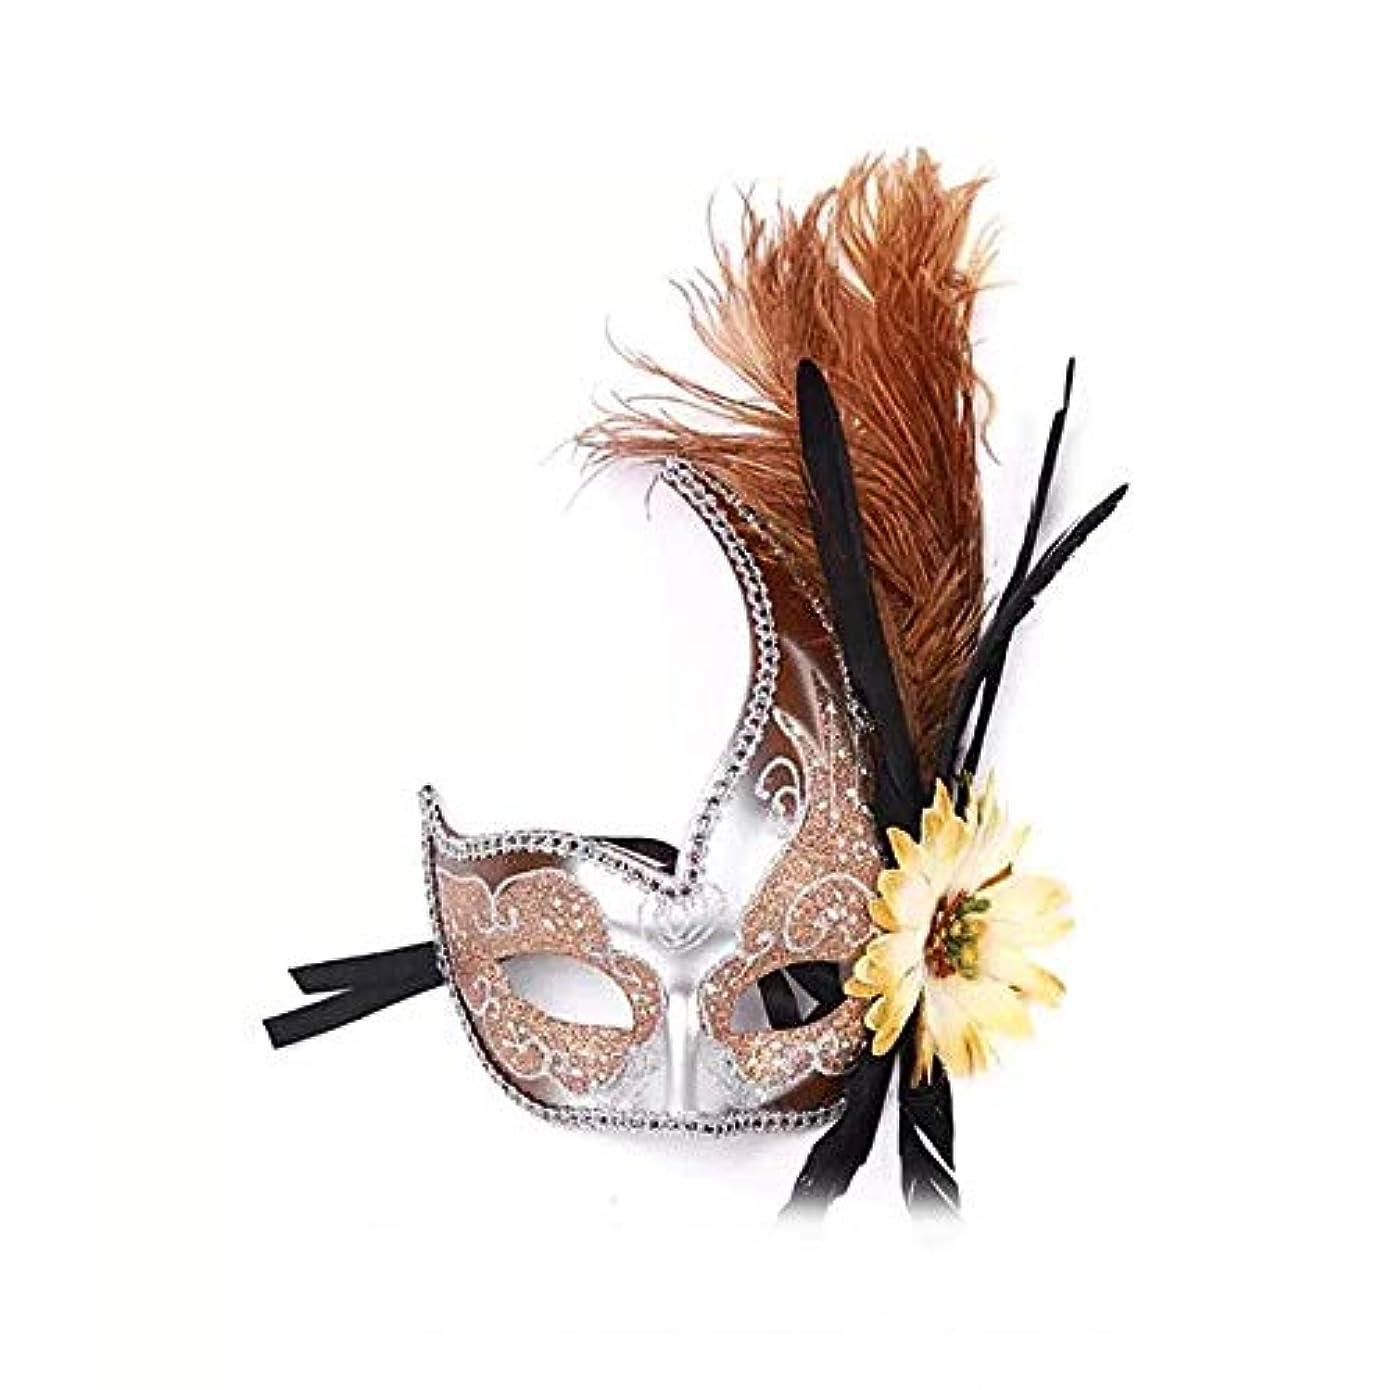 ペナルティ中毒すぐにNanle ハロウィンマスクハーフフェザーマスクベニスプリンセスマスク美容レース仮面ライダーコスプレ (色 : Style B orange)